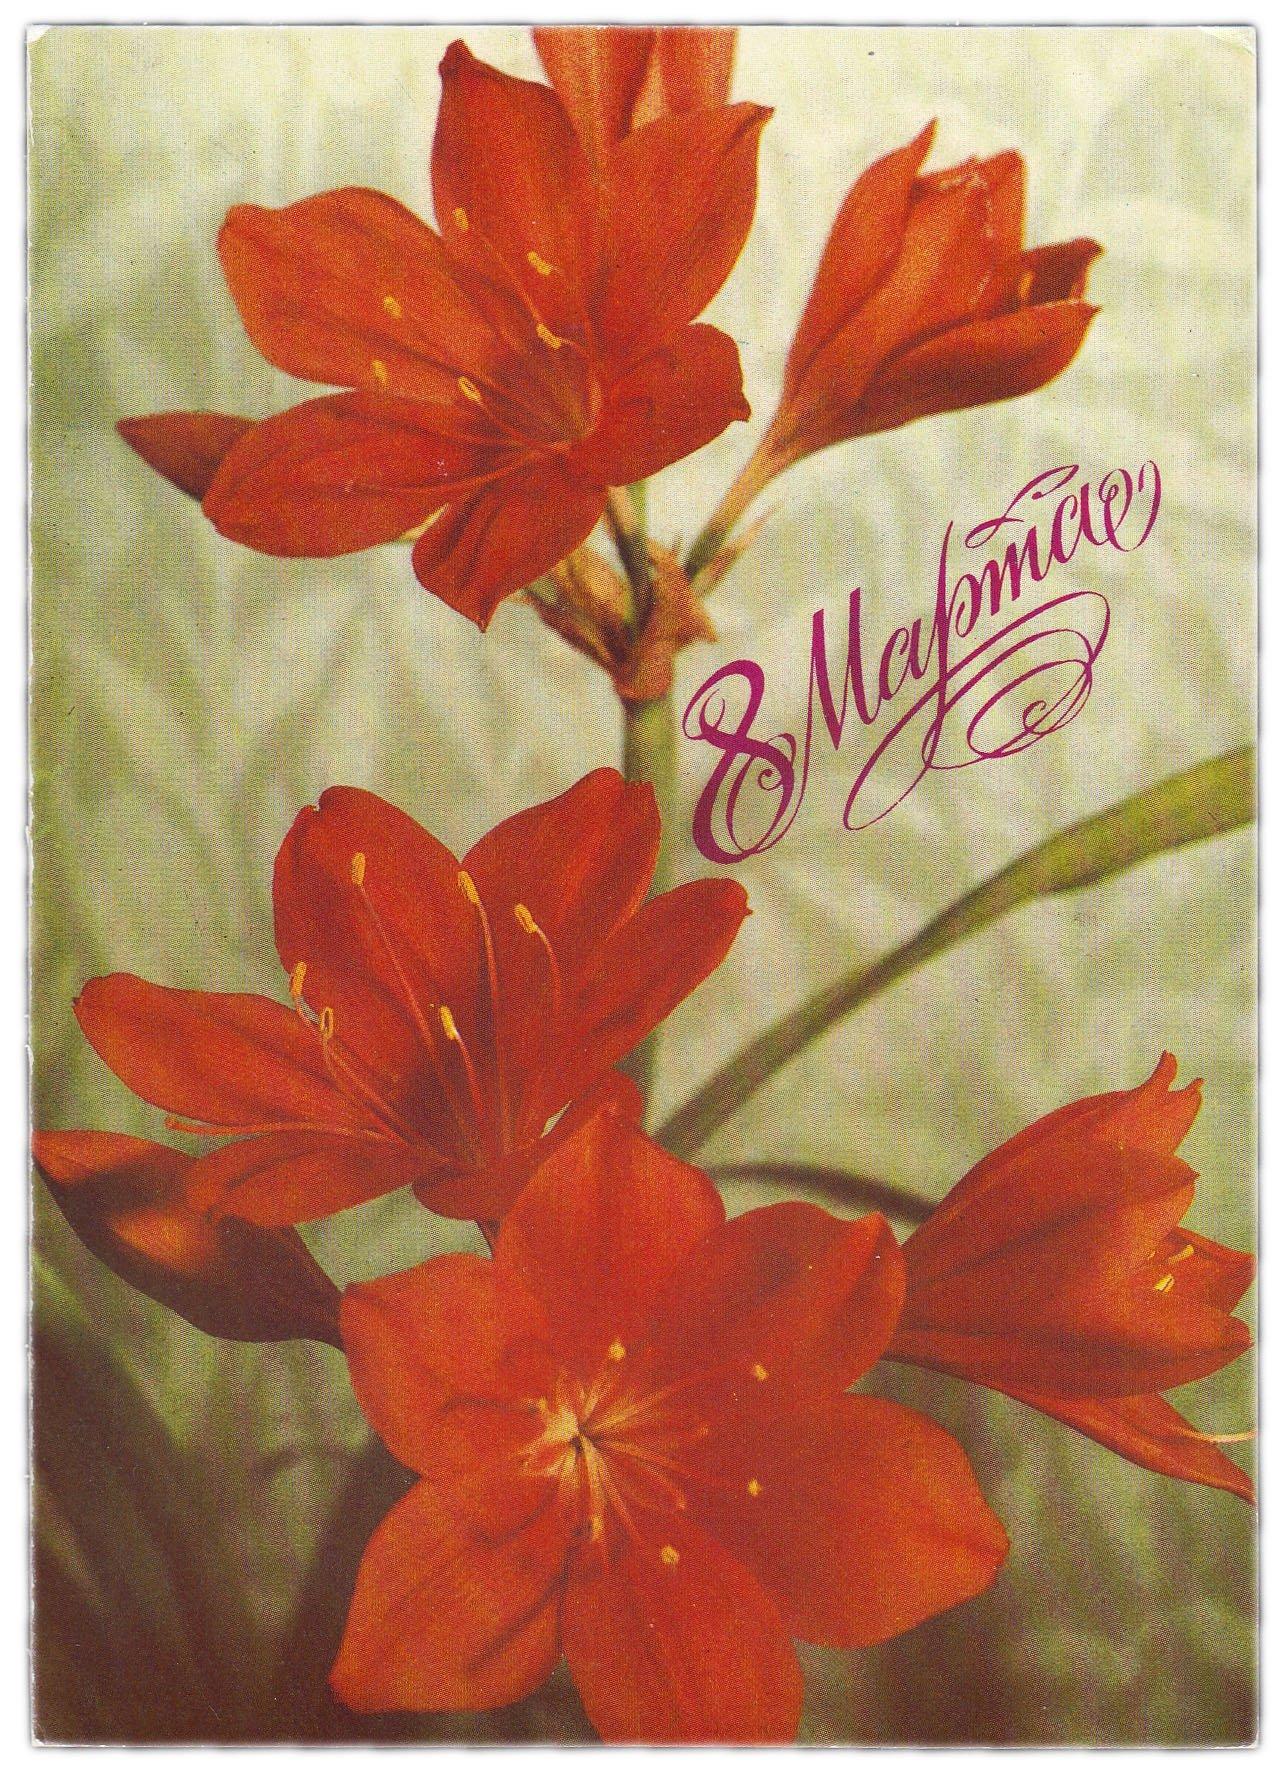 С 8 марта открытки с лилиями